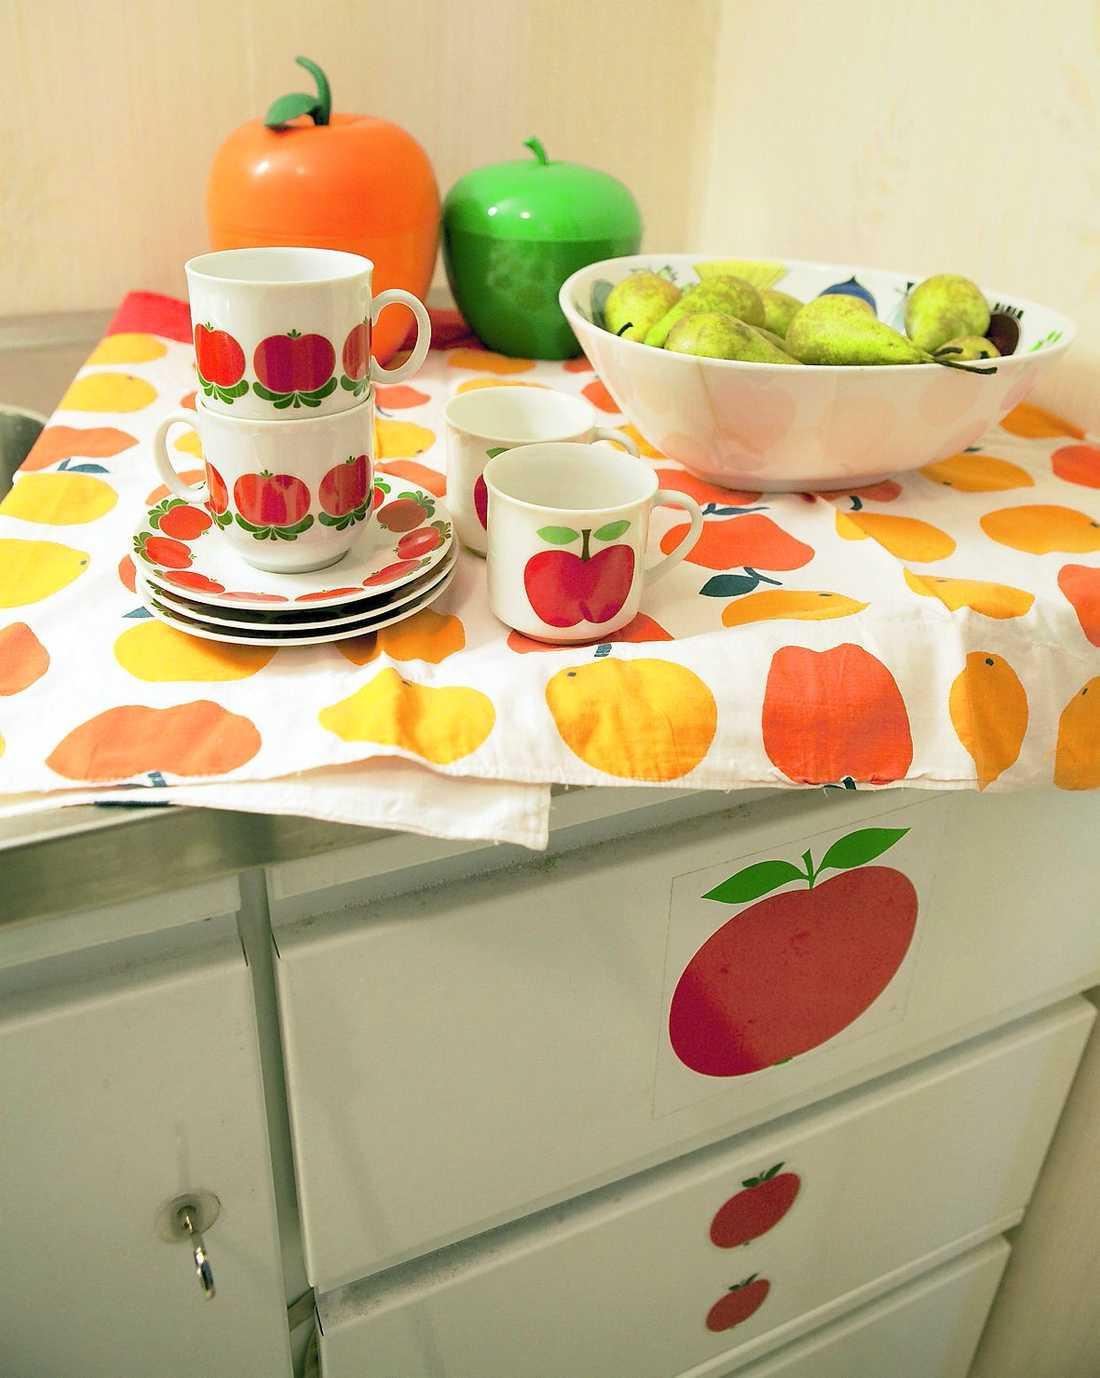 Saras favoritmotiv, äpplen, hittar man på såväl porslin som textilier och klisterdekor.